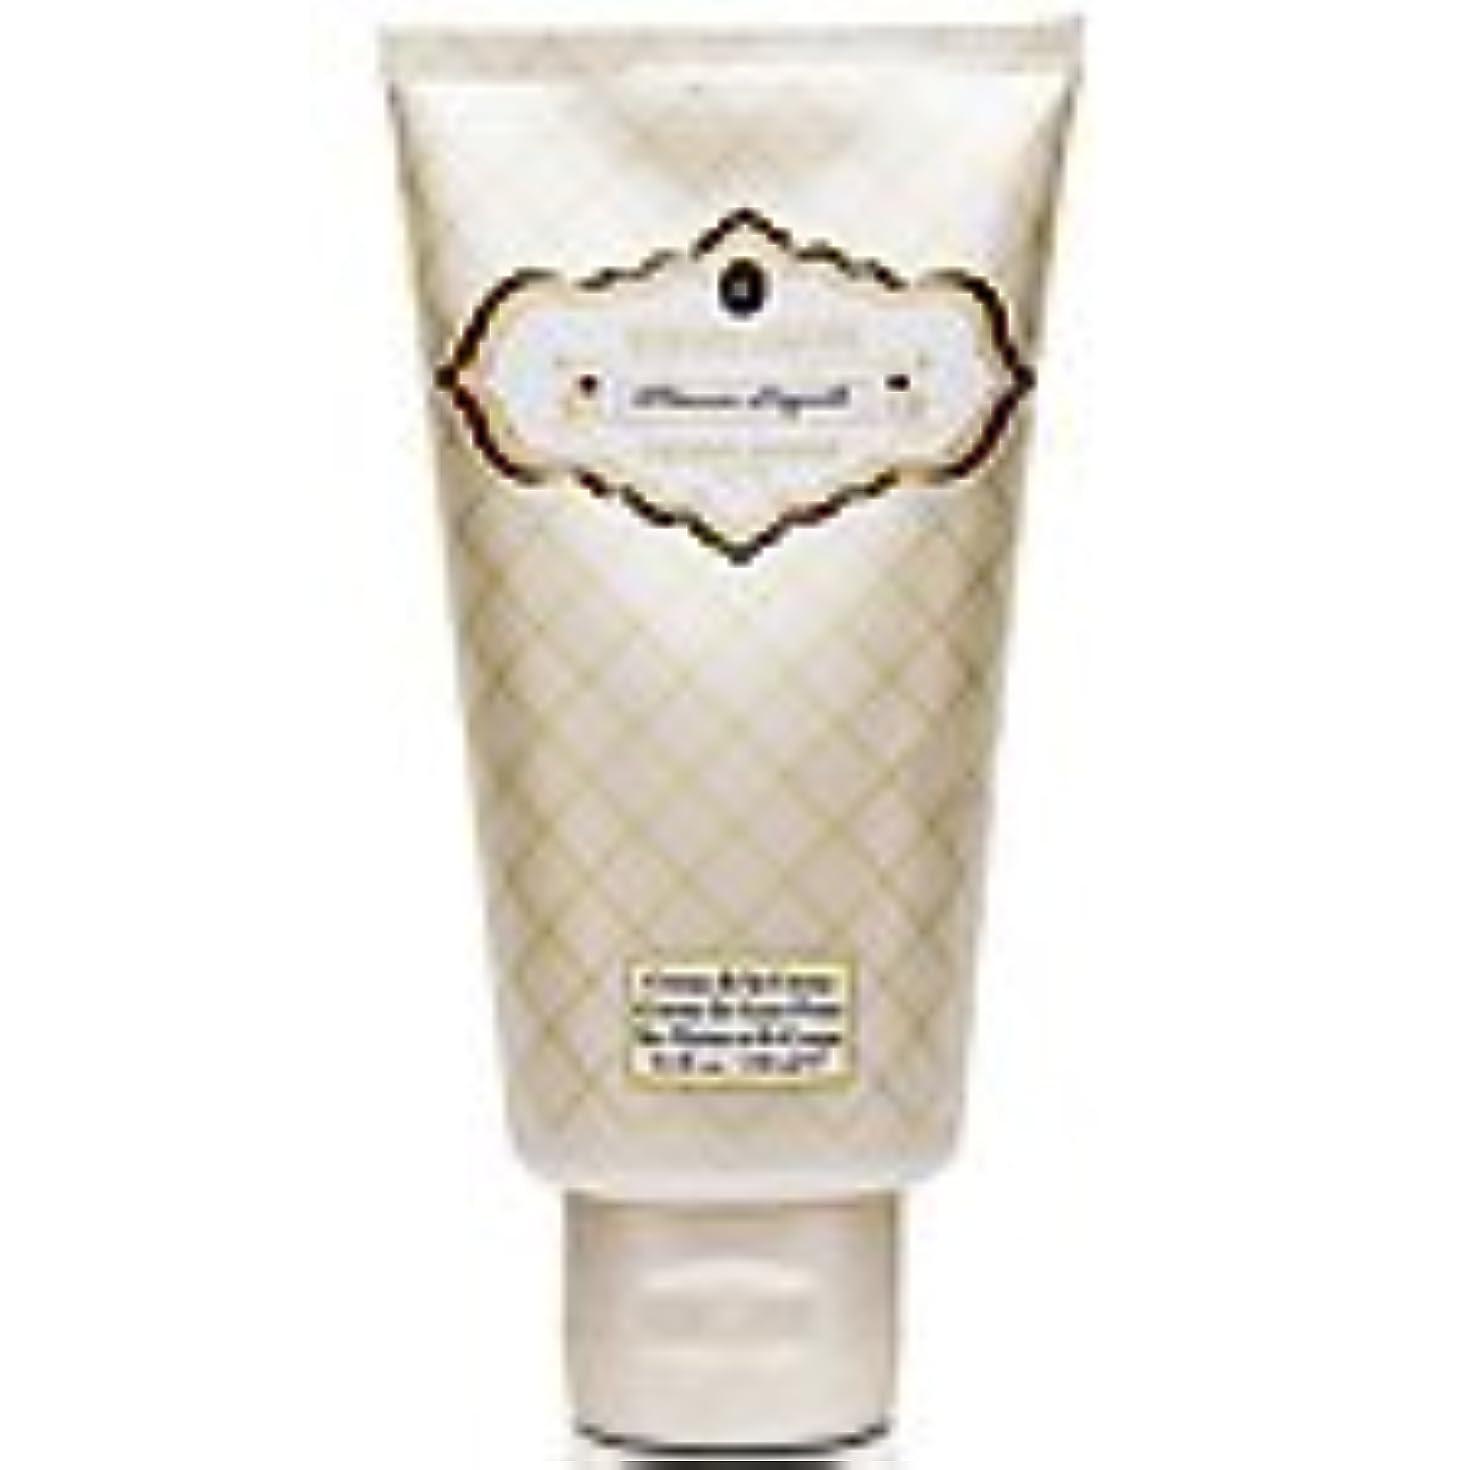 連続的望まない母Memoire Liquide Reserve - Amour Liquide (メモワールリキッドリザーブ - アモアーリキッド) 5.1 oz (153ml) Body Cream for Unisex